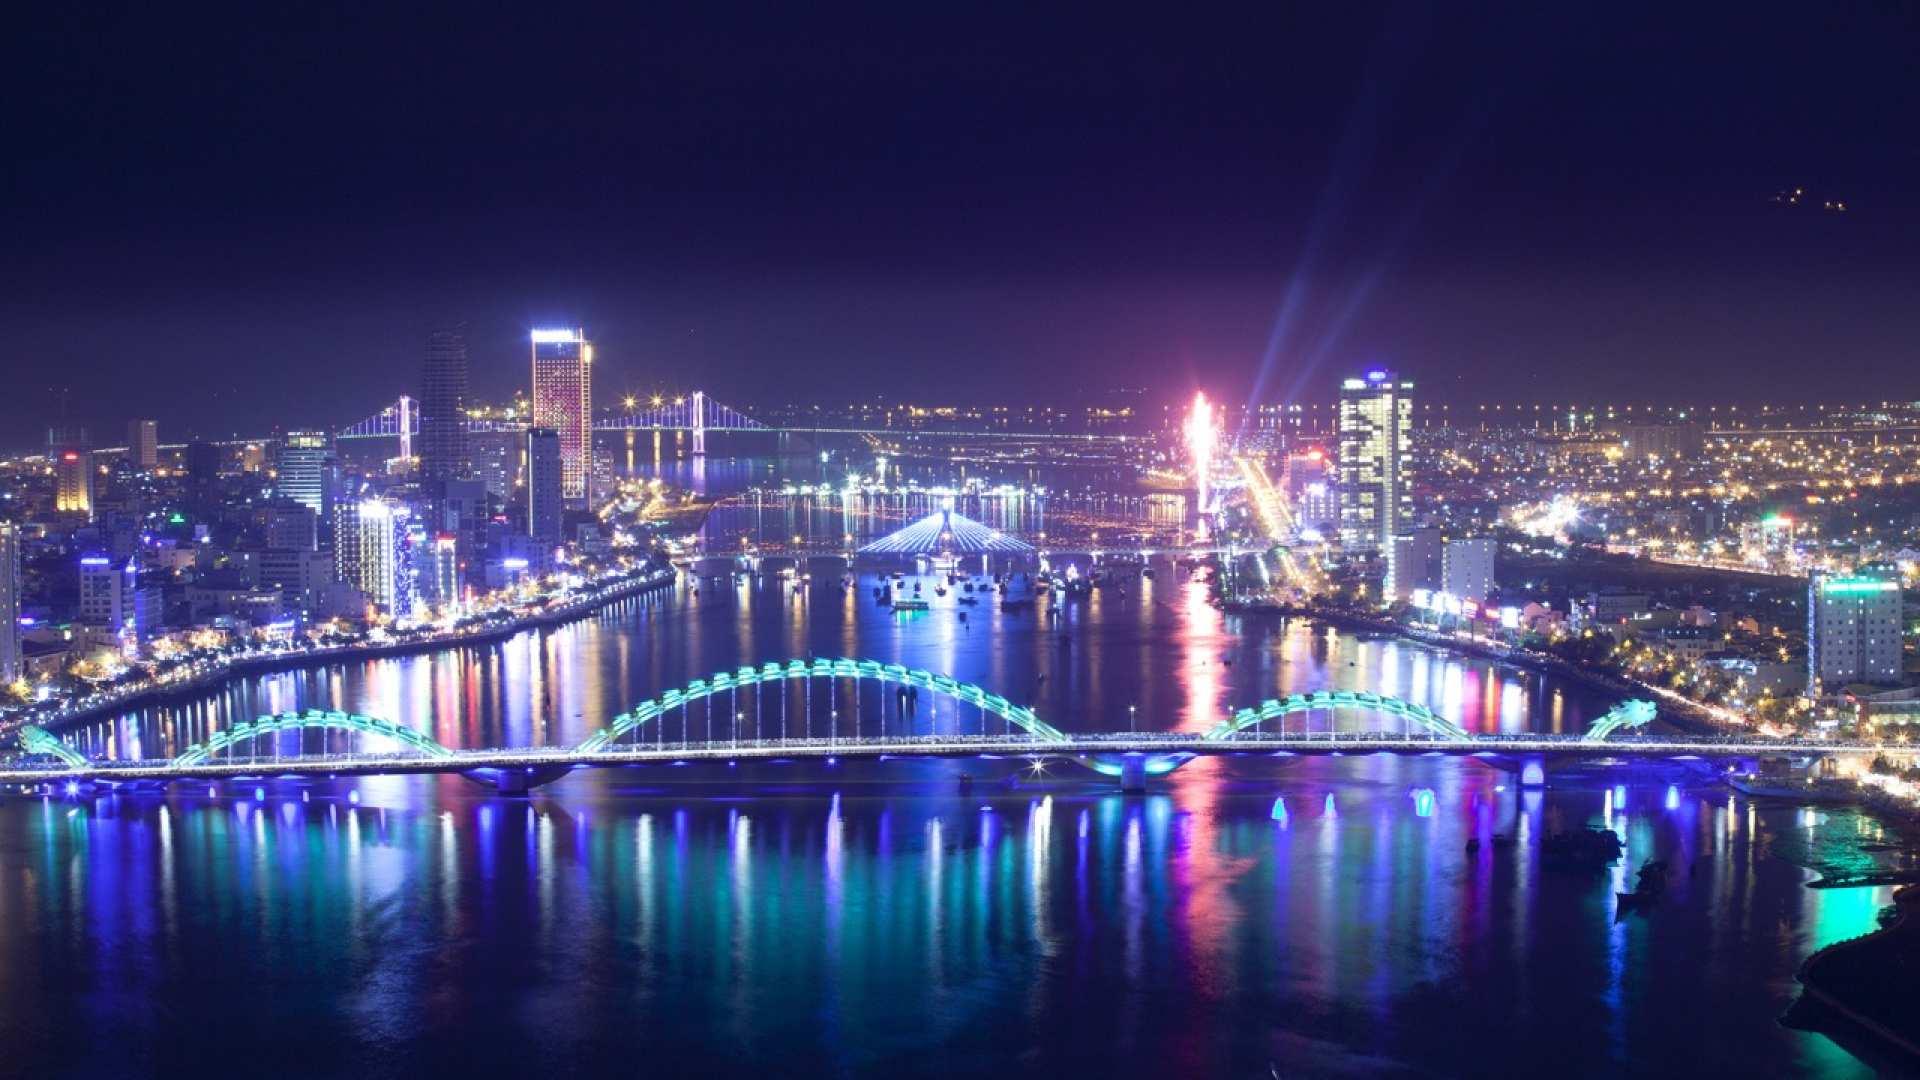 【搭乘豪華龍船】夜遊漢江與豐盛晚宴